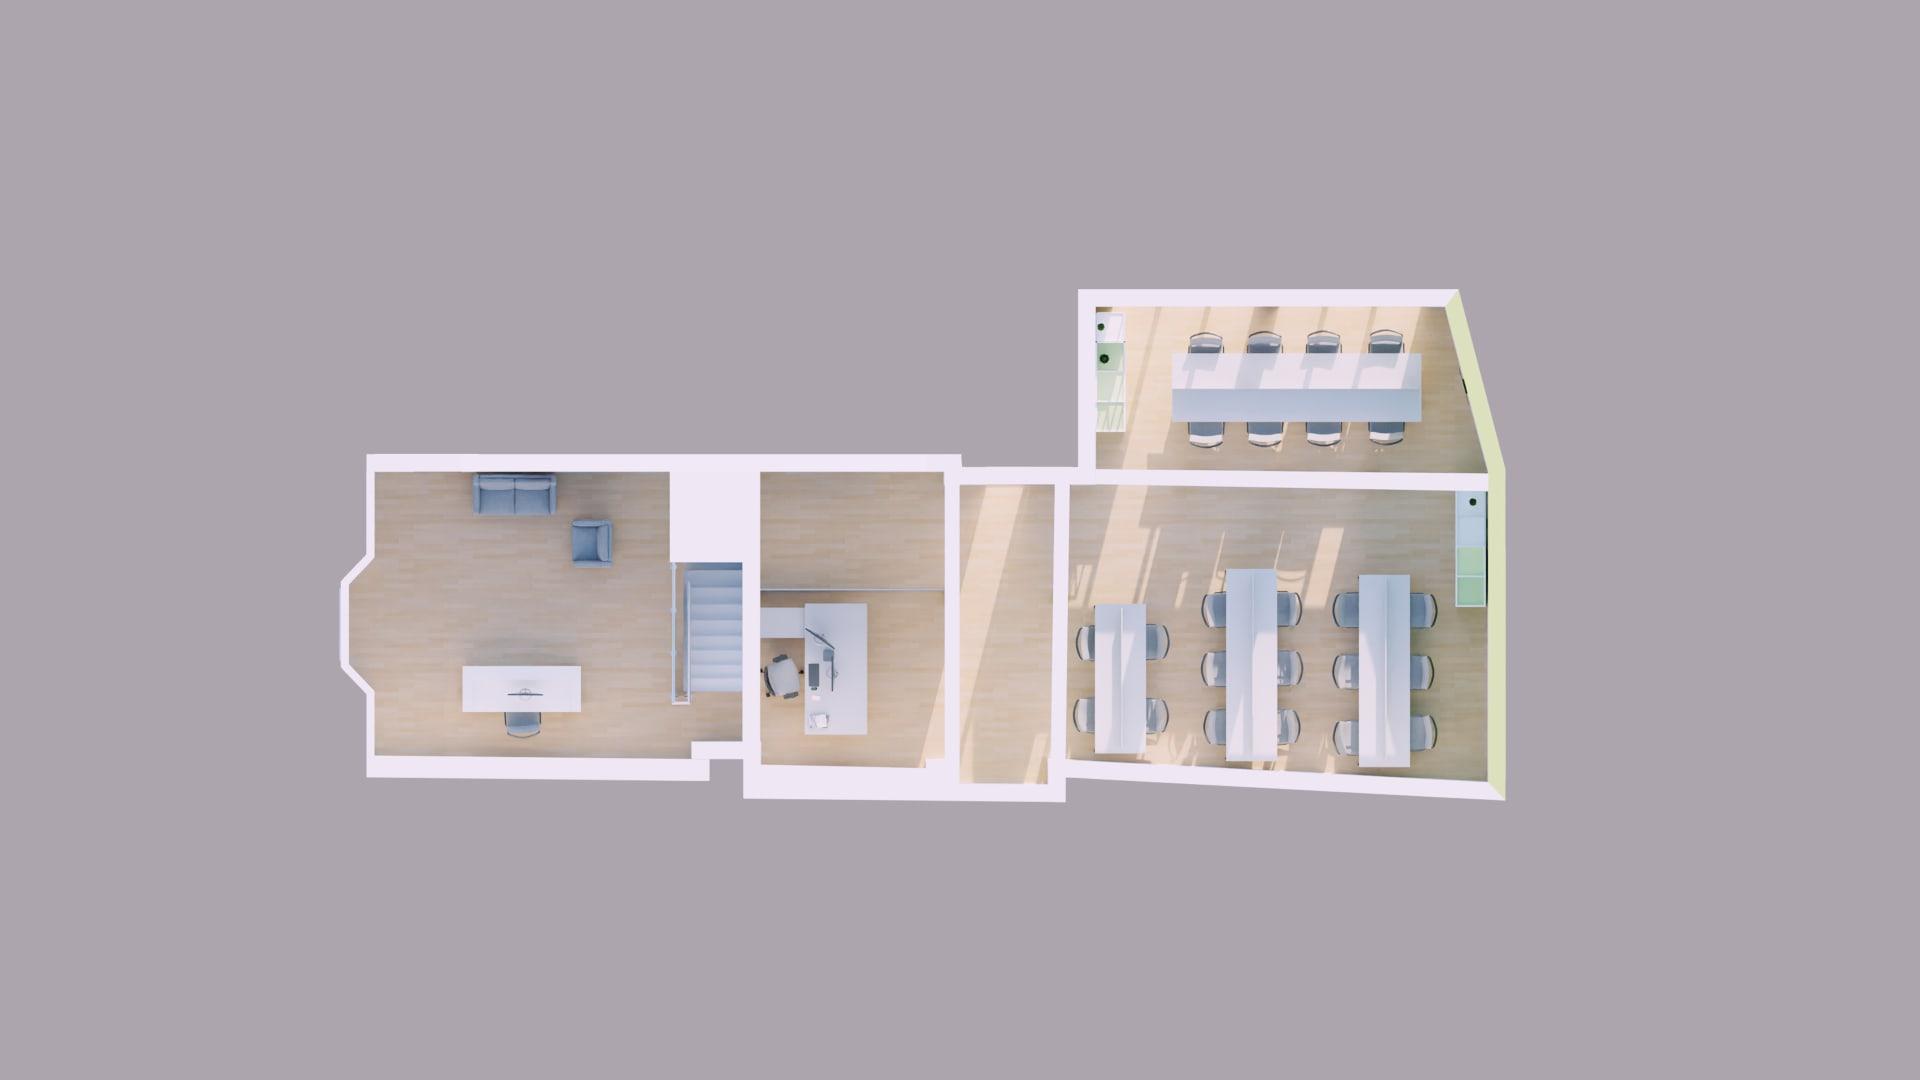 11-13 SHIP STREET BRIGHTON image.